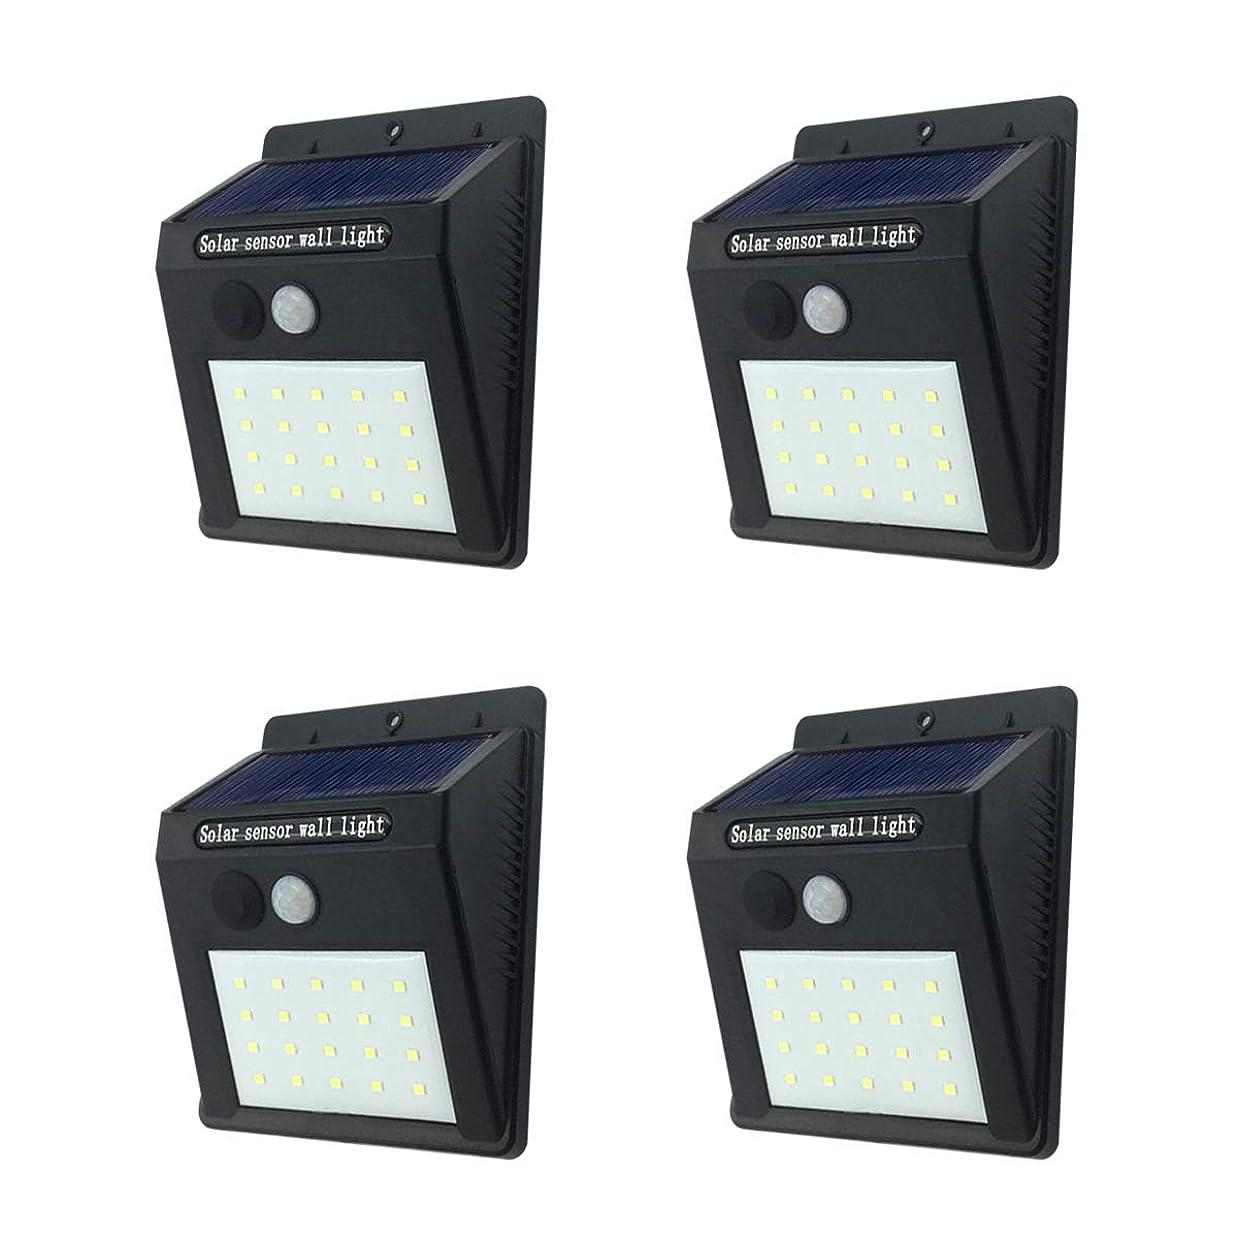 遠え聖歌呪いセンサーライト 屋外 ソーラーライト 人感センサーライト 20LED IP65防水 防犯ライト 自動点灯 太陽光発電 高輝度ライト 省エネ 明暗センサーライト 玄関/廊下/階段/駐車場など対応 取り付け簡単4セット